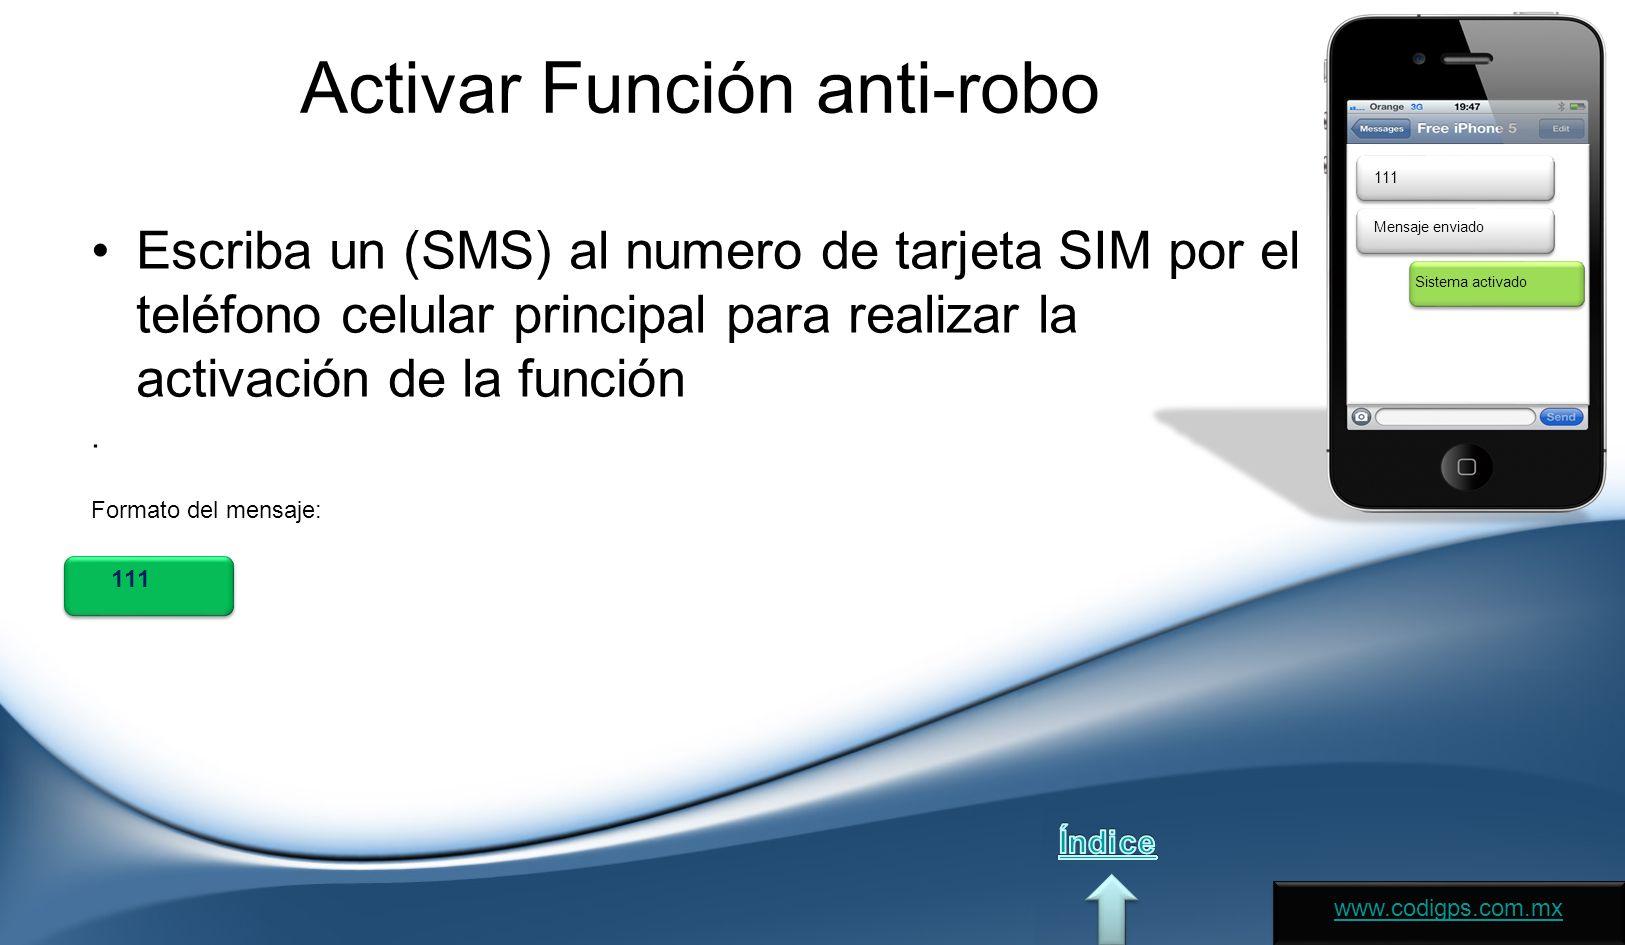 Activar Función anti-robo Escriba un (SMS) al numero de tarjeta SIM por el teléfono celular principal para realizar la activación de la función.